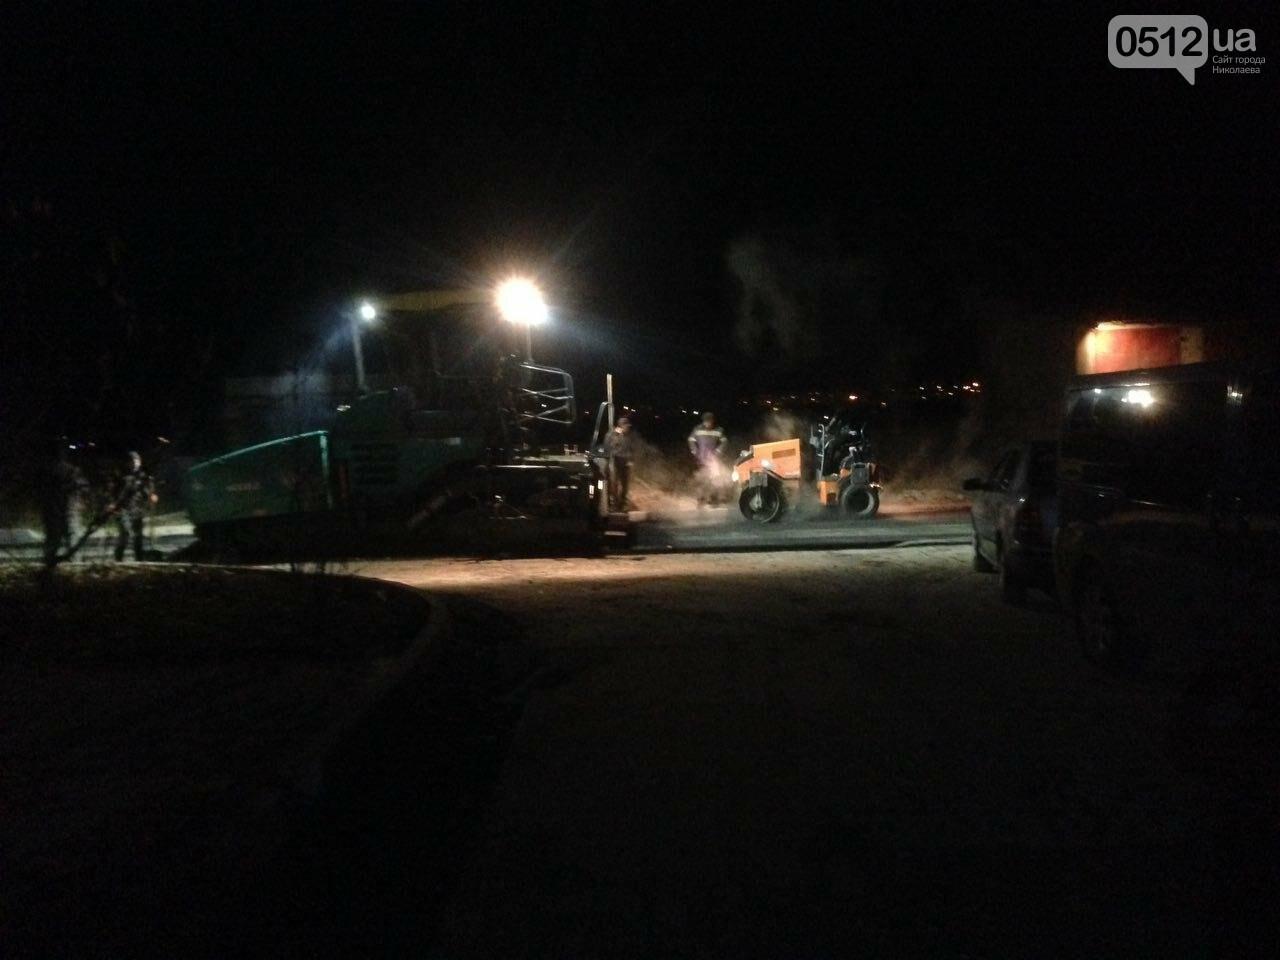 Николаевские дорожники кладут асфальт даже ночью, мешая спать жителям, - ВИДЕО, фото-1